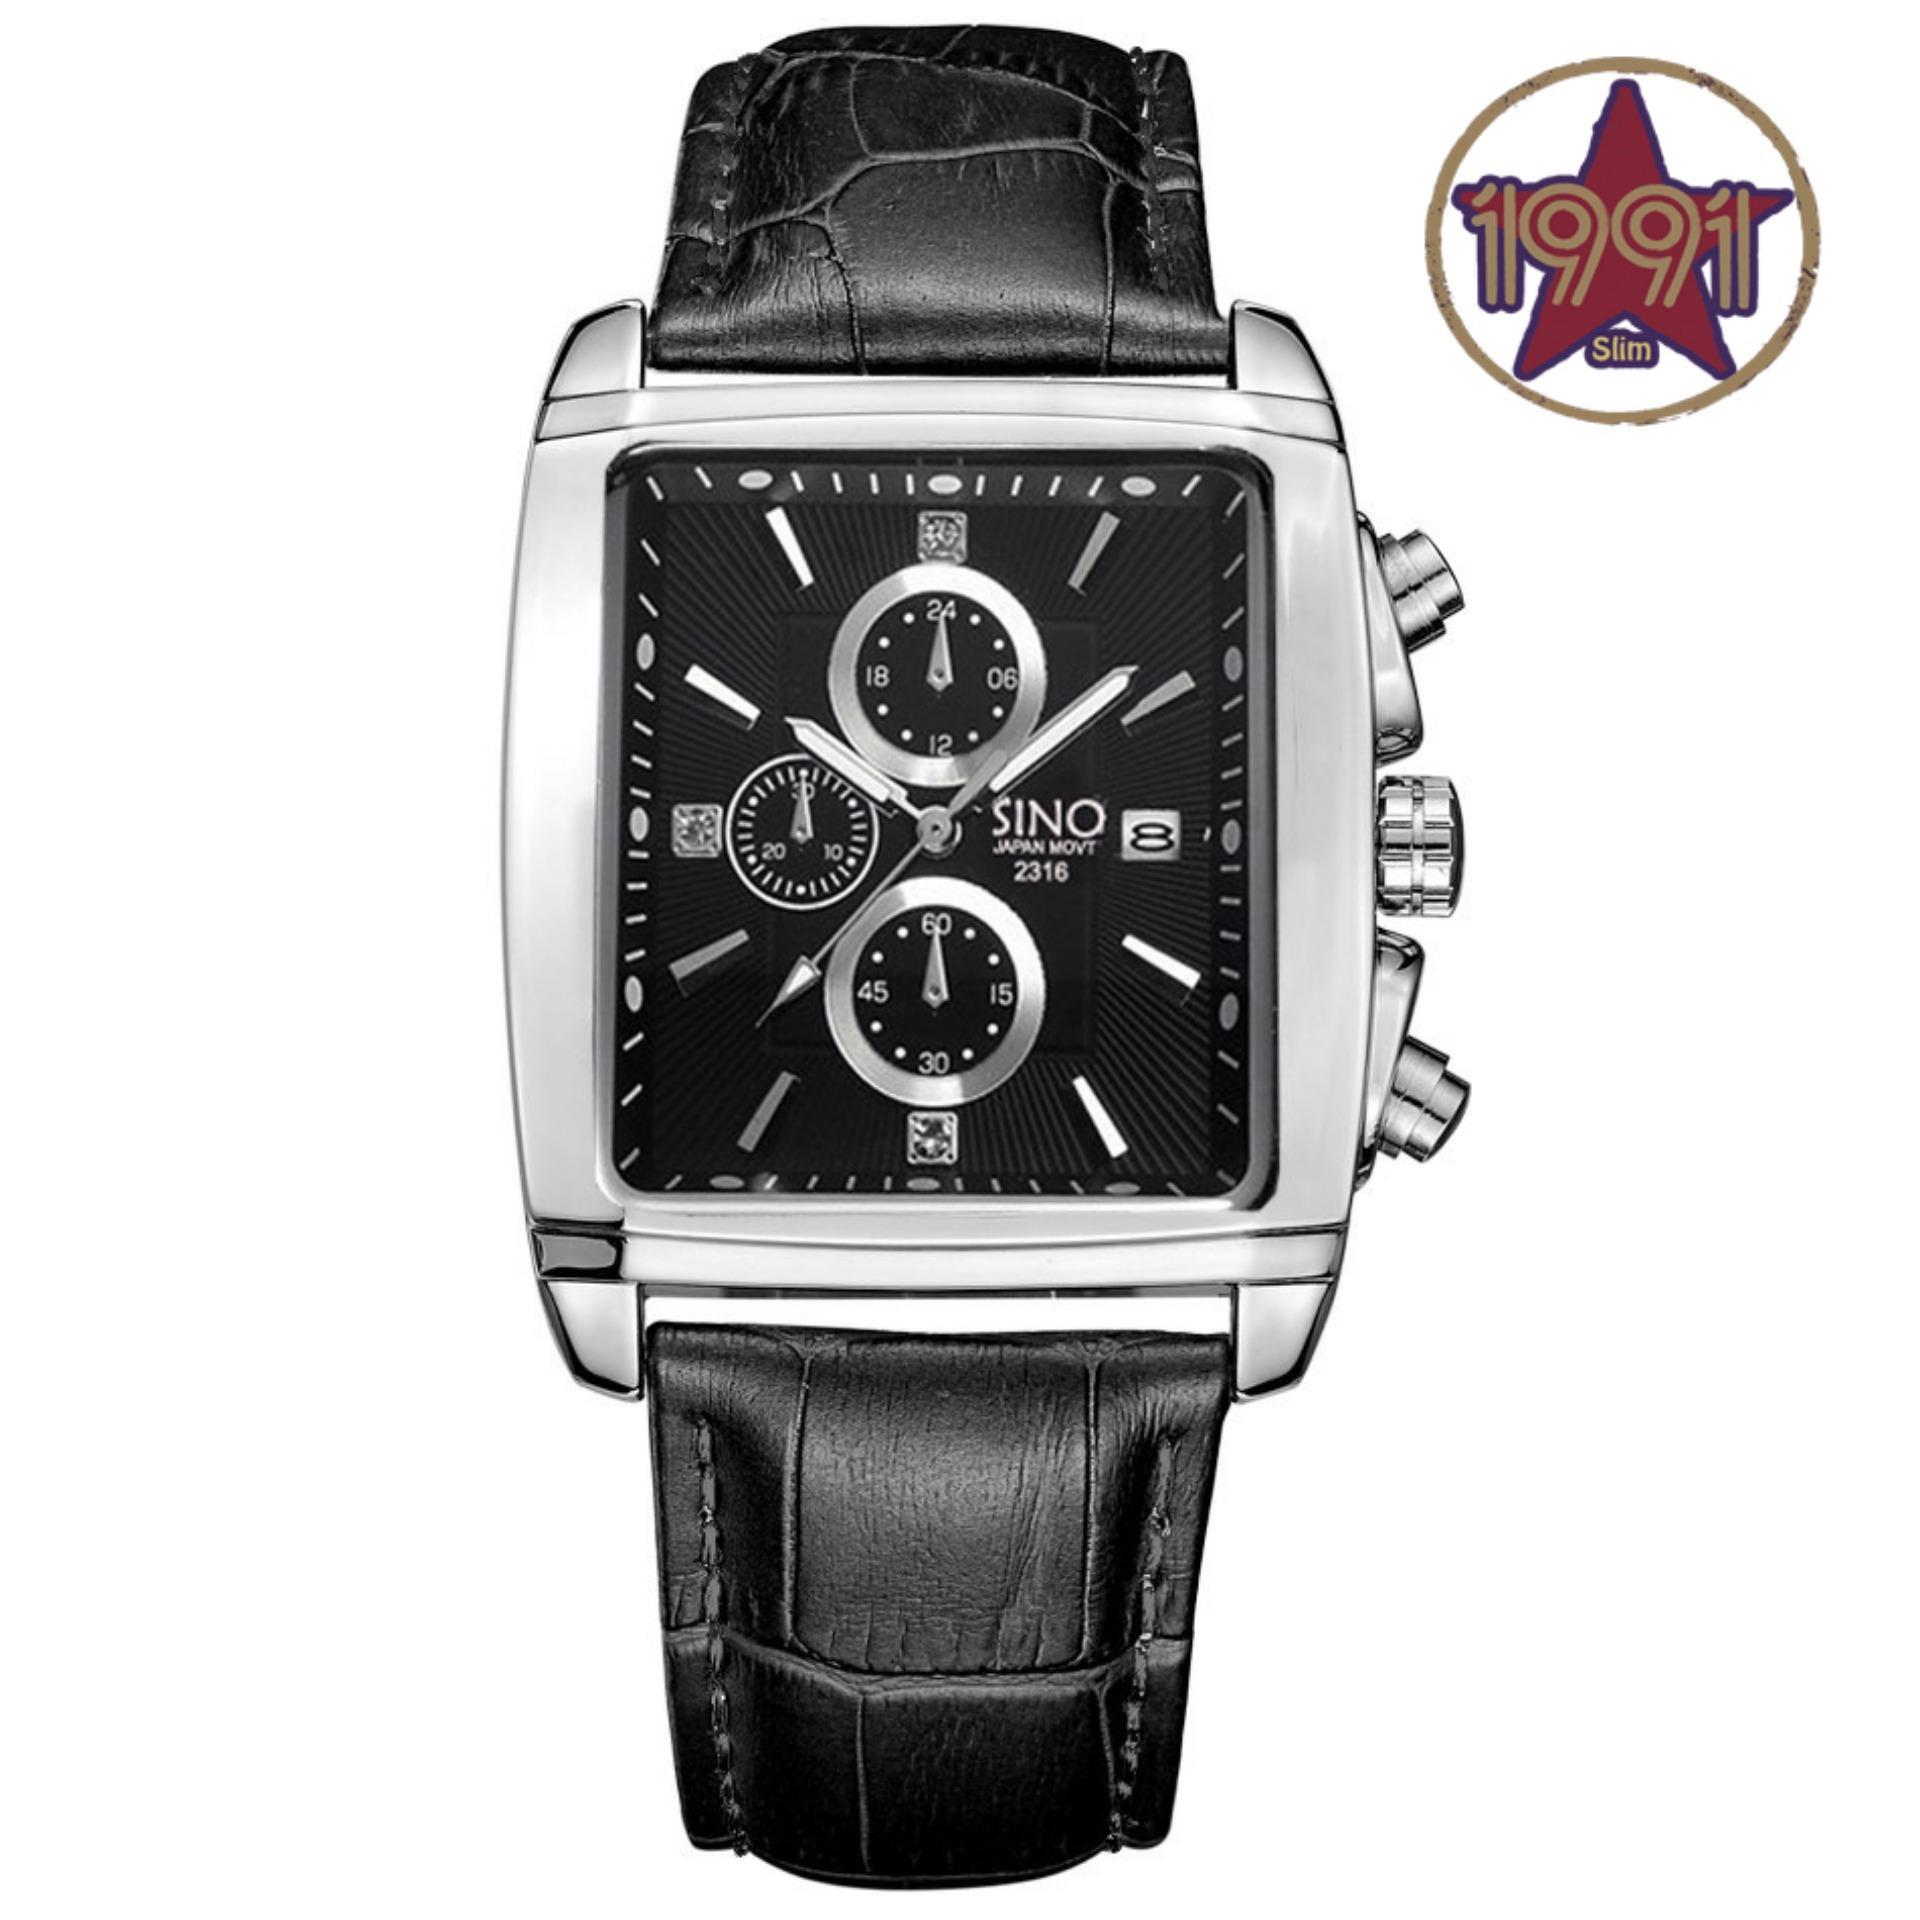 Đồng hồ nam dây da mặt vuông Sino Japan Movt S2316 dây đen mặt đen